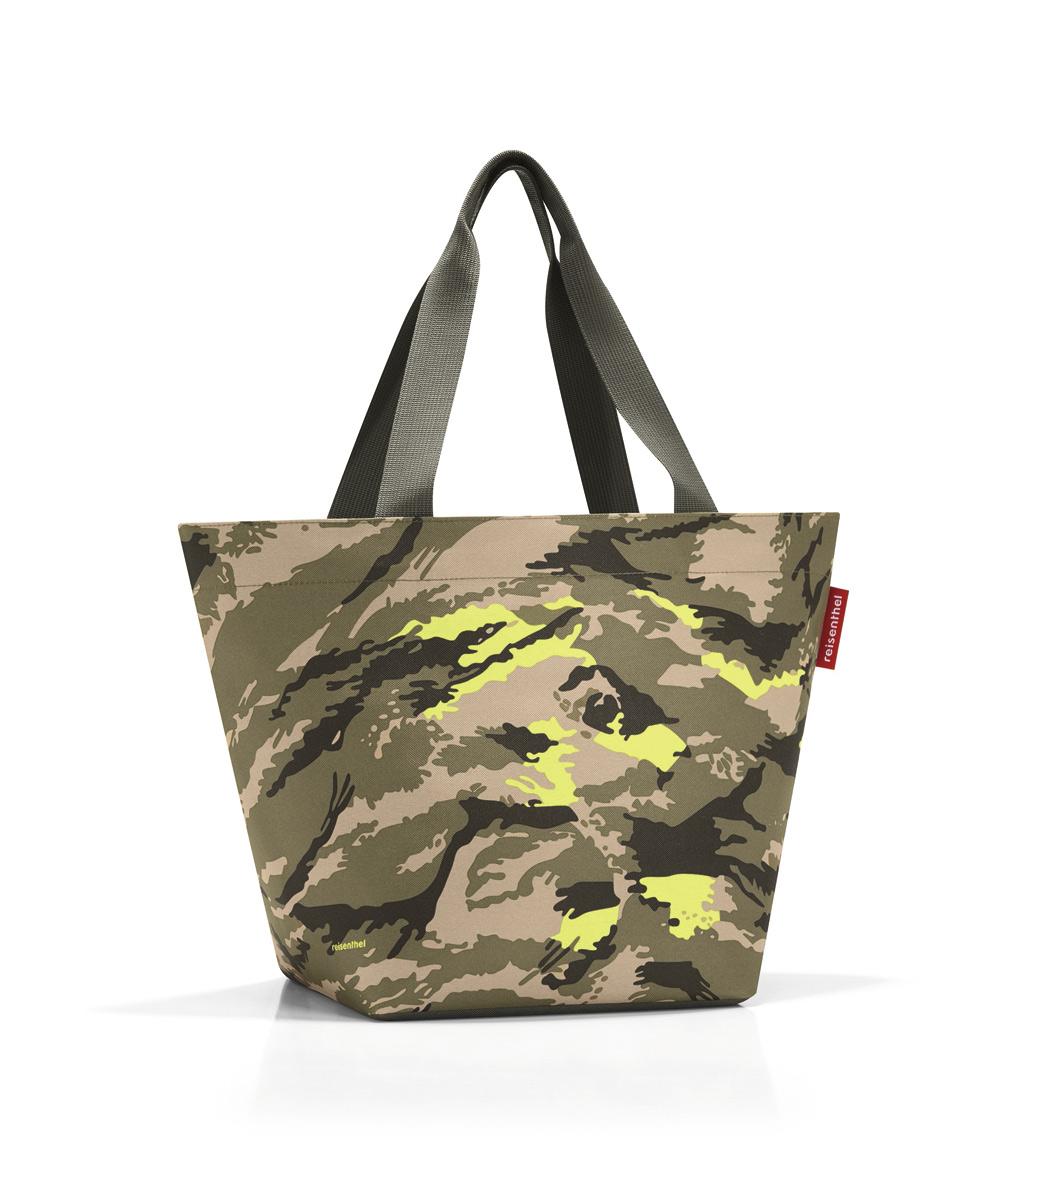 Сумка Reisenthel, цвет: хаки, бежевый, темно-коричневый. ZS5034ZS5034Вместительная сумка Reisenthel изготовлена из текстиля и оформлена оригинальным принтом. Сумка имеет одно отделение, которое закрывается на застежку-молнию. Внутри расположен нашивной карман на застежке-молнии. Сумка оснащена двумя длинными ручками.